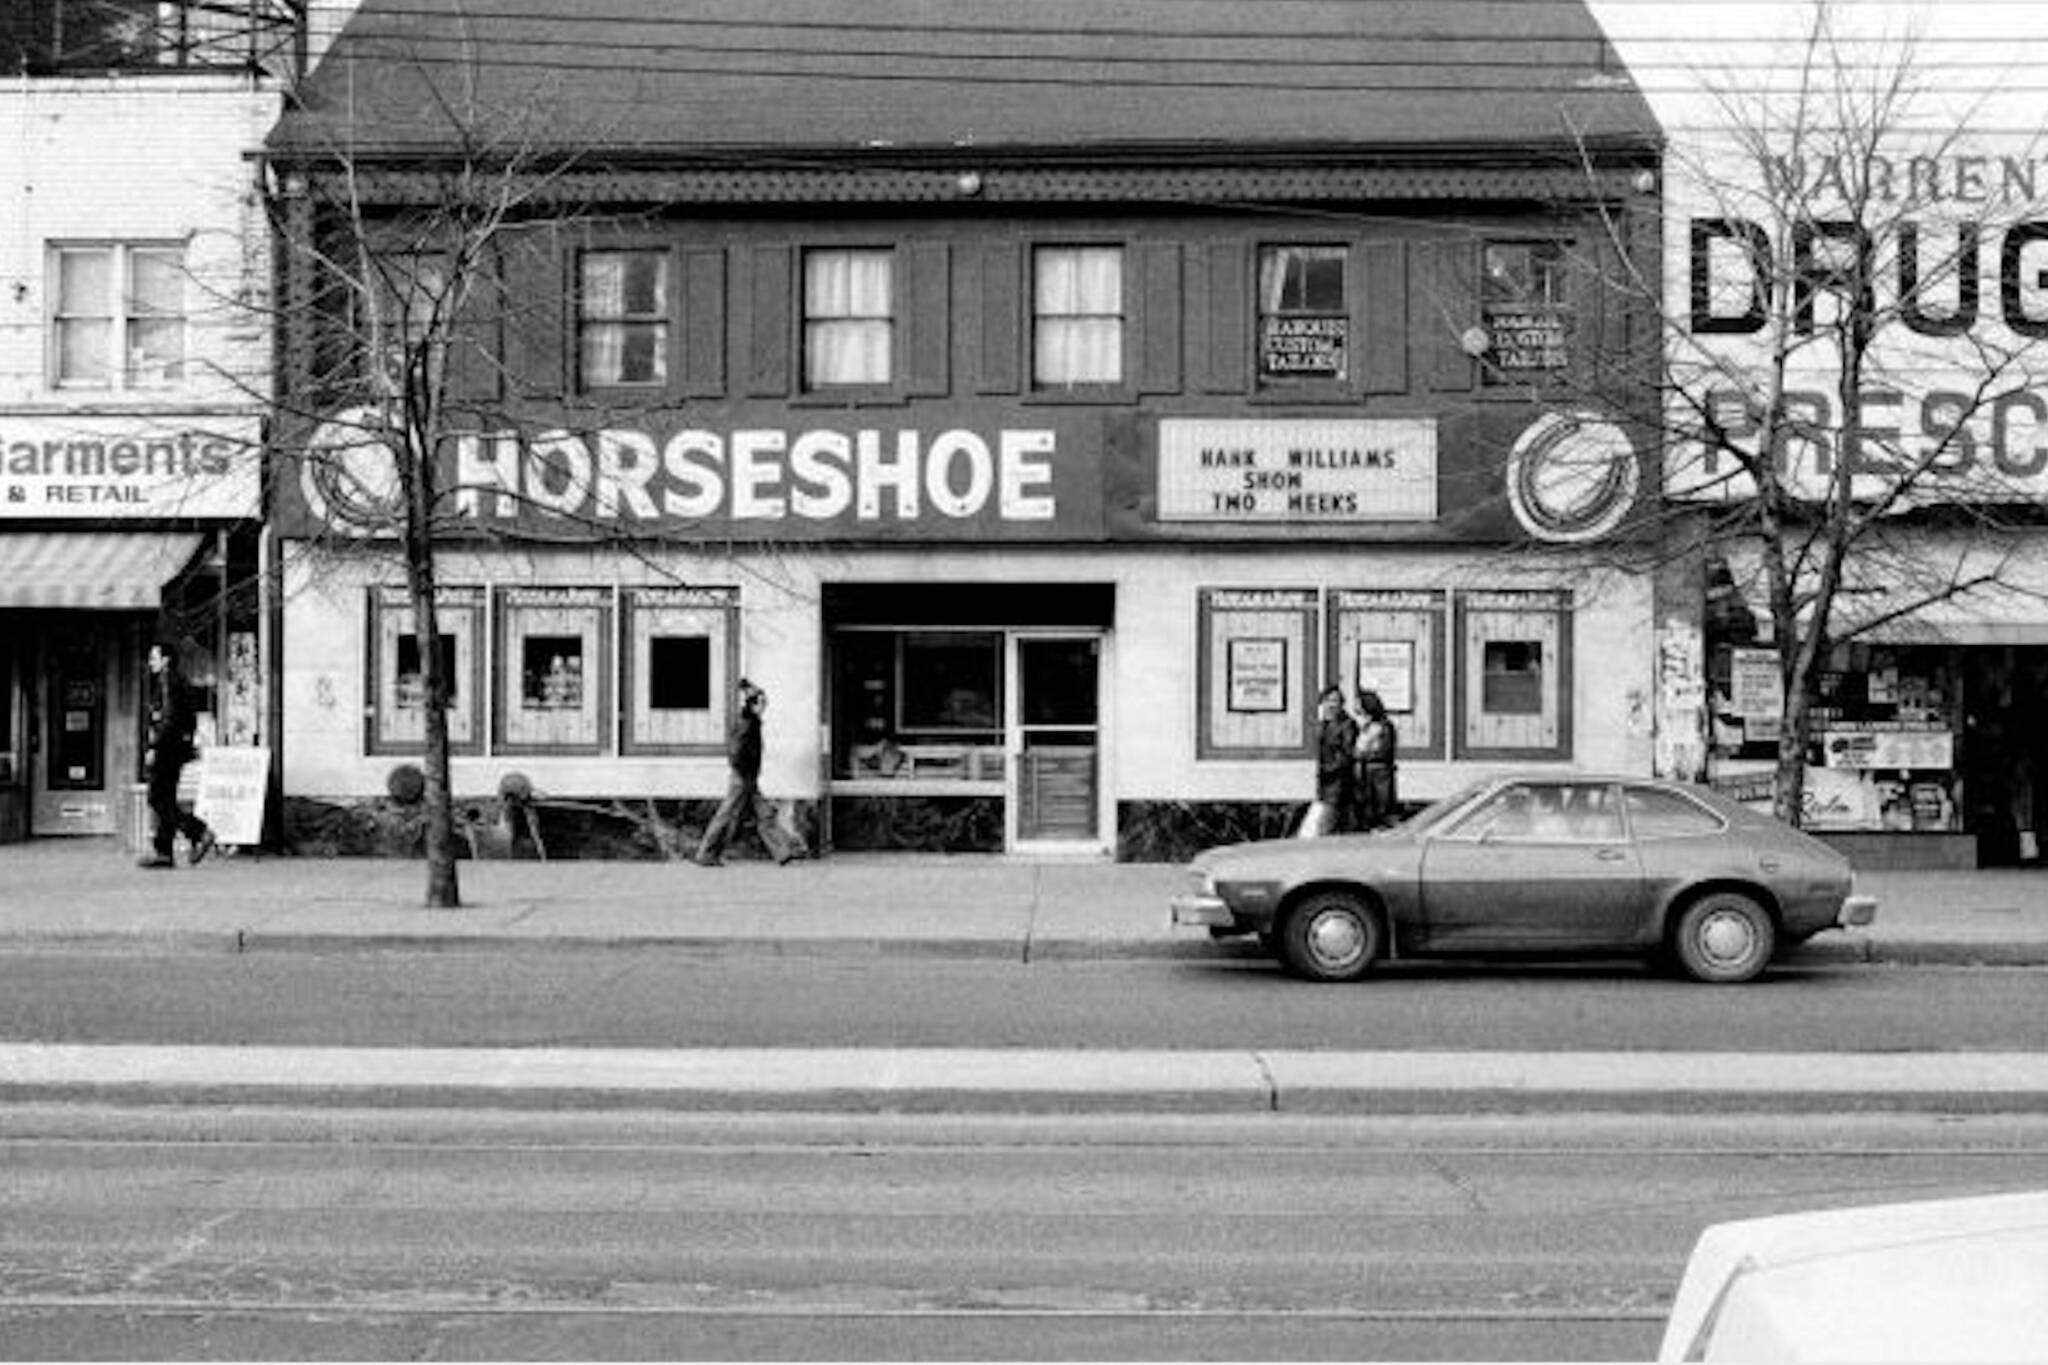 Horseshoe Tavern History